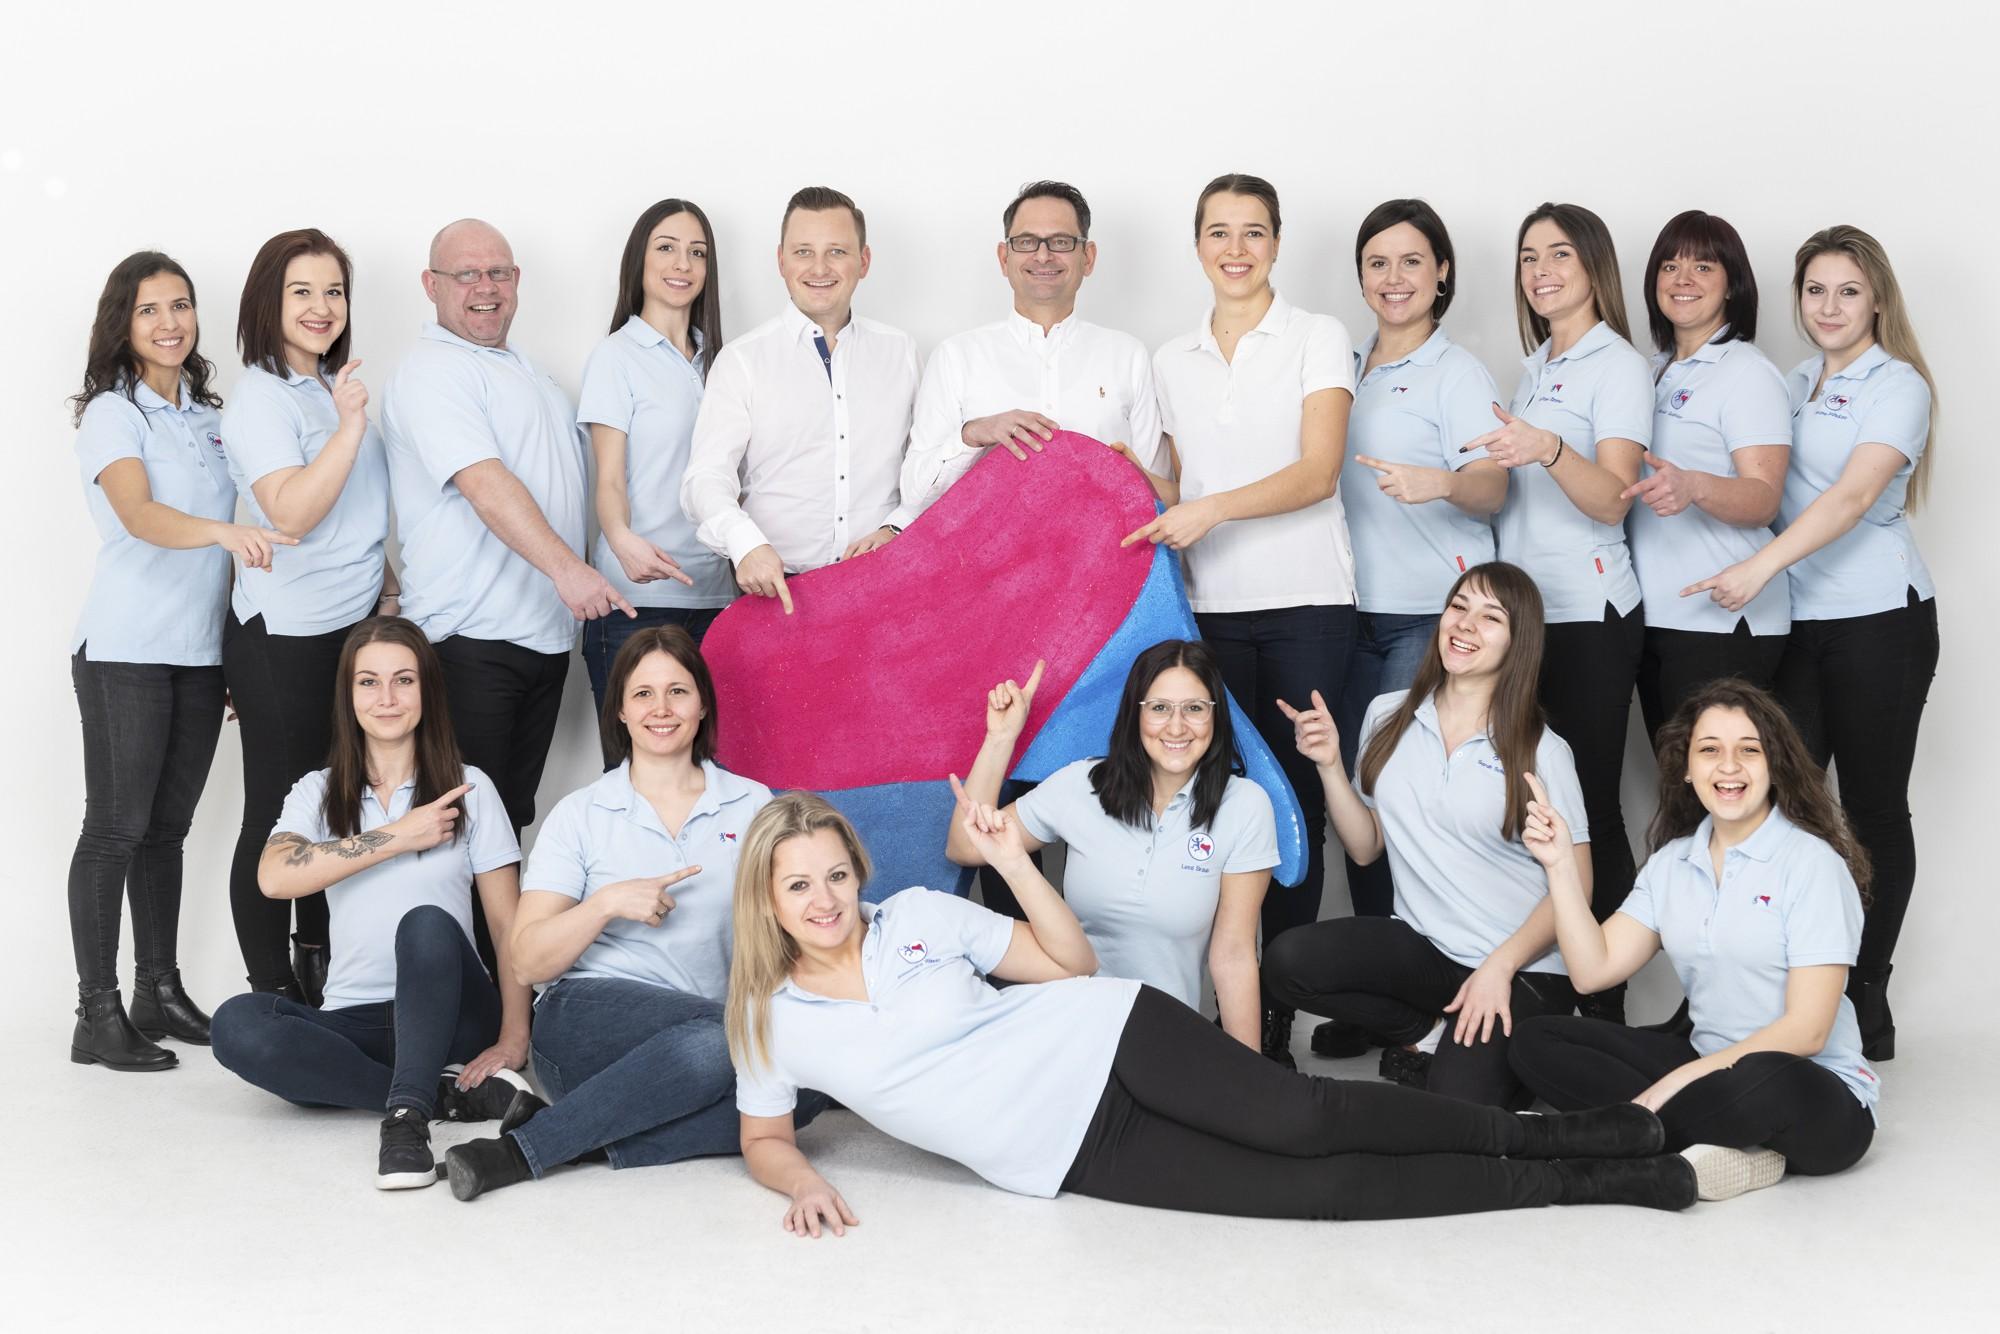 Das Team der Kieferorthopäden in Kirchheim